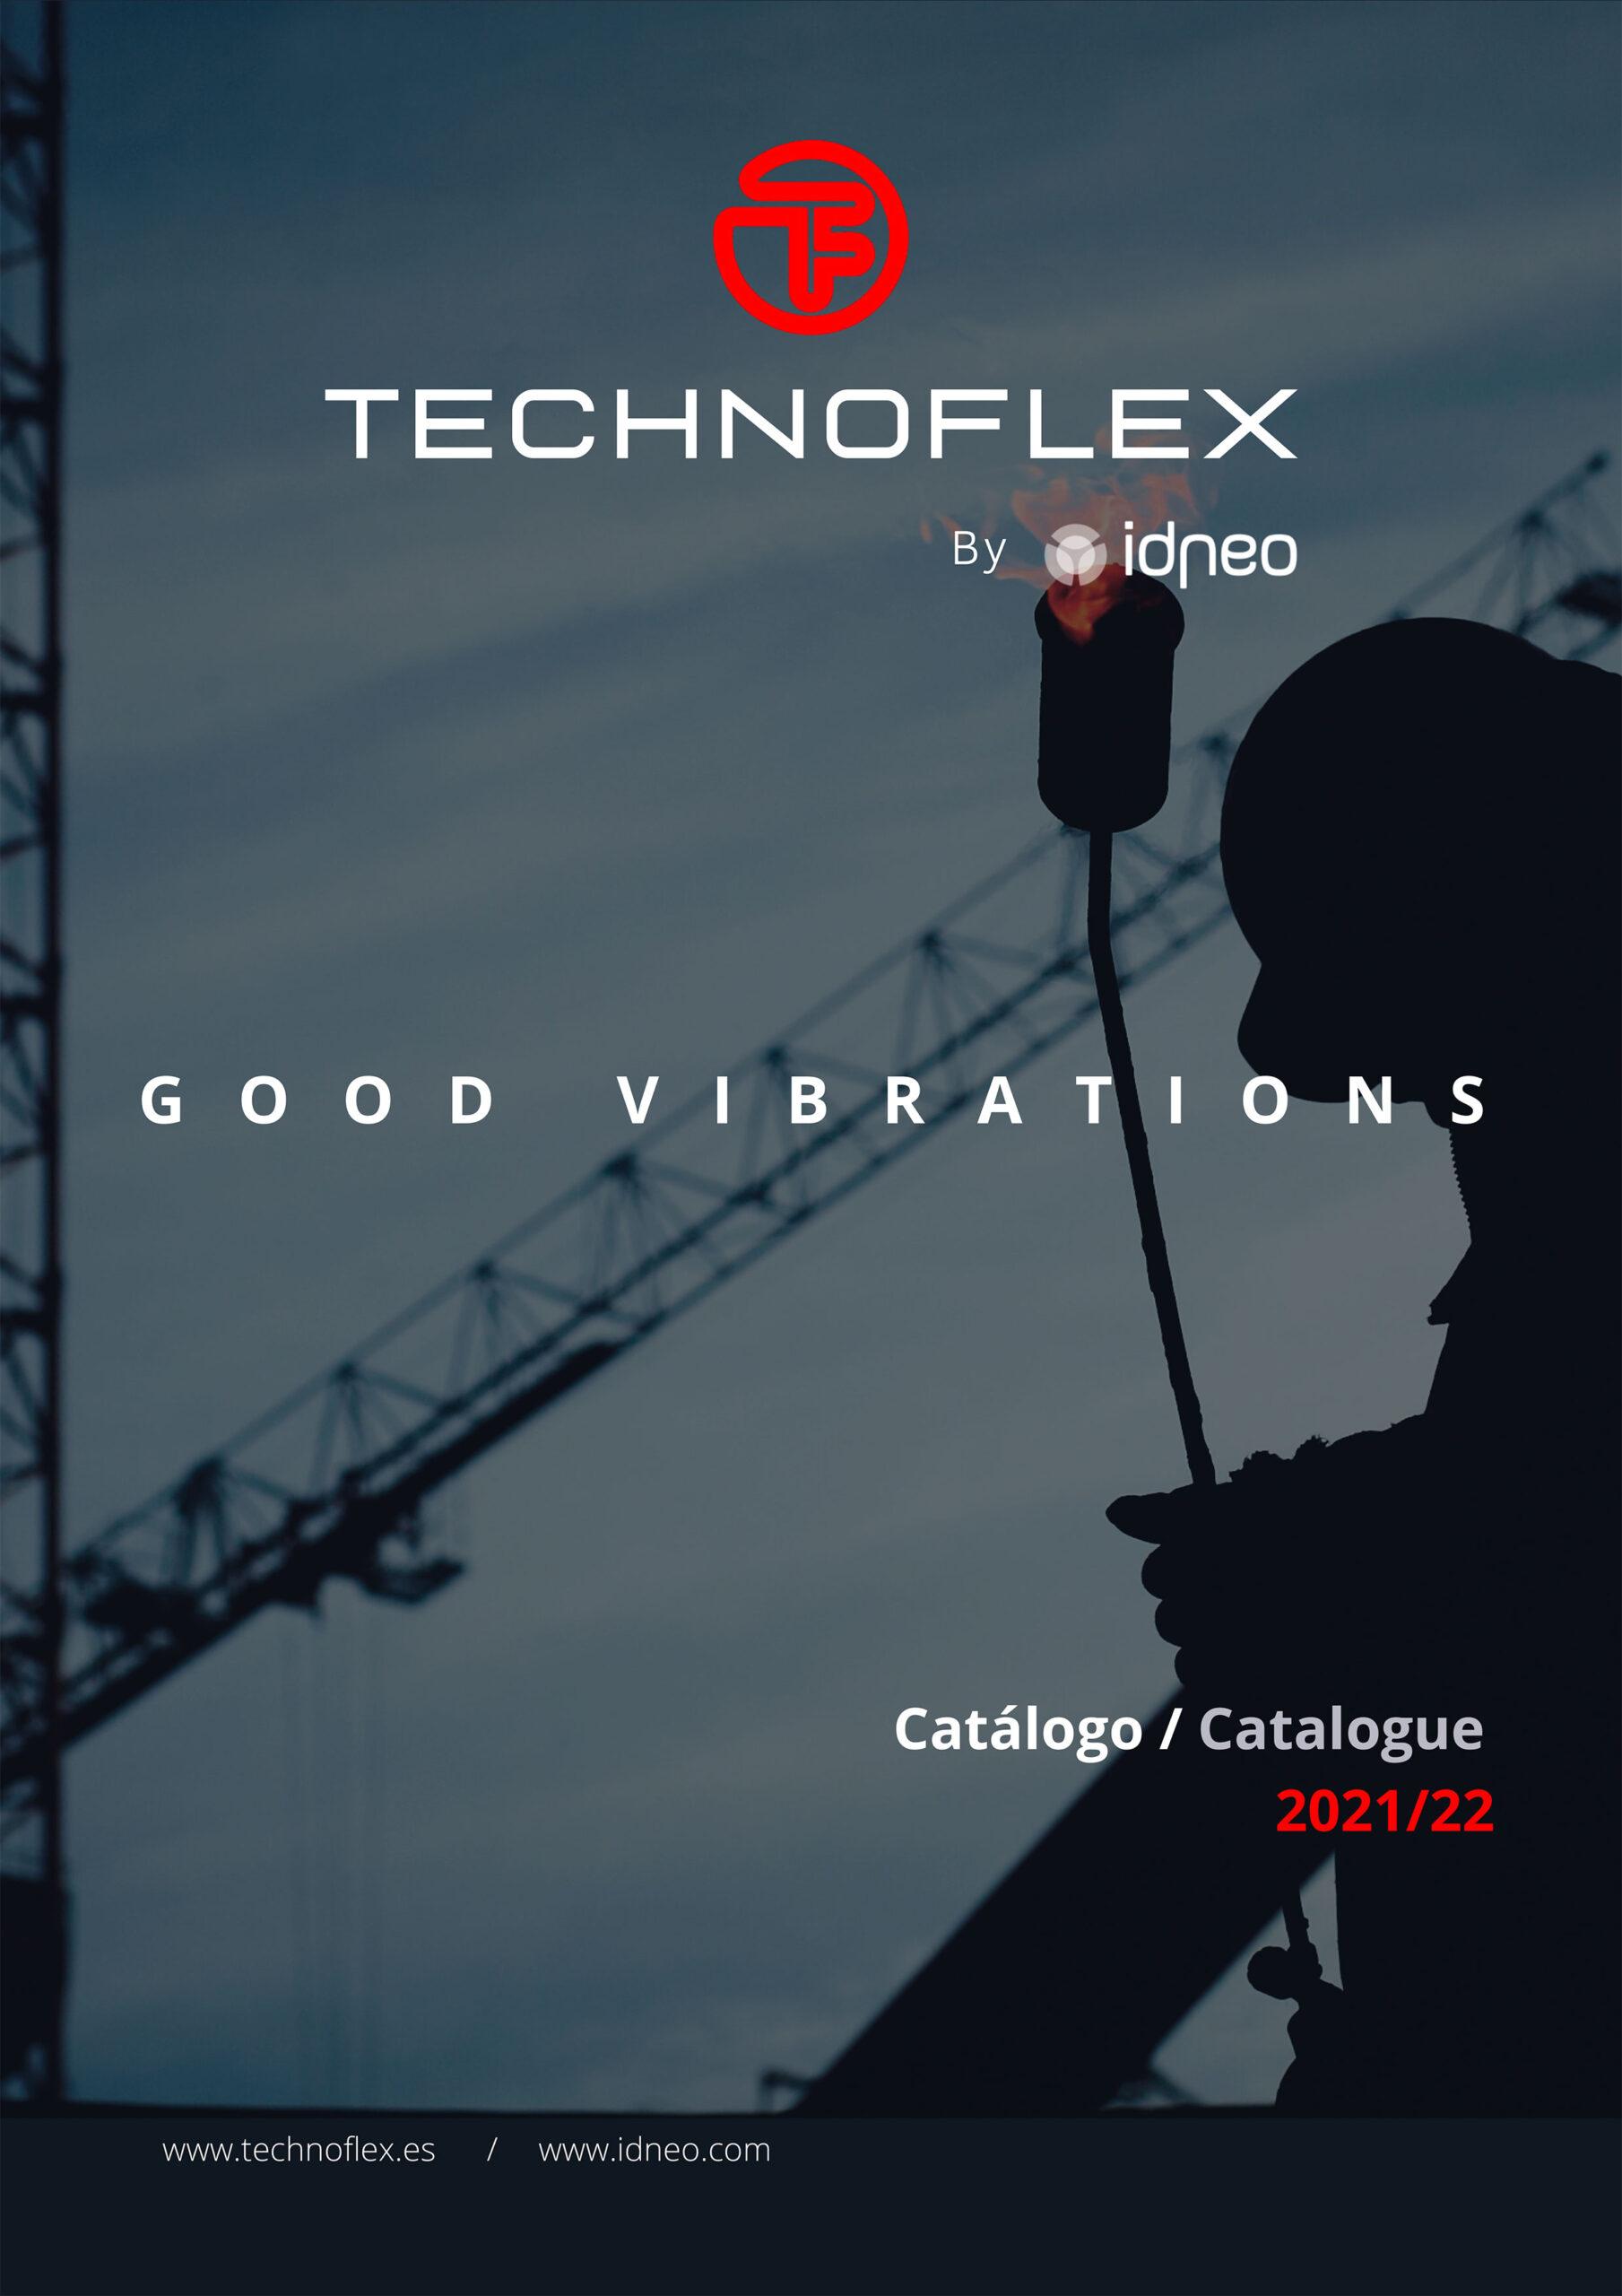 TECHNOFLEX CATÁLOGO